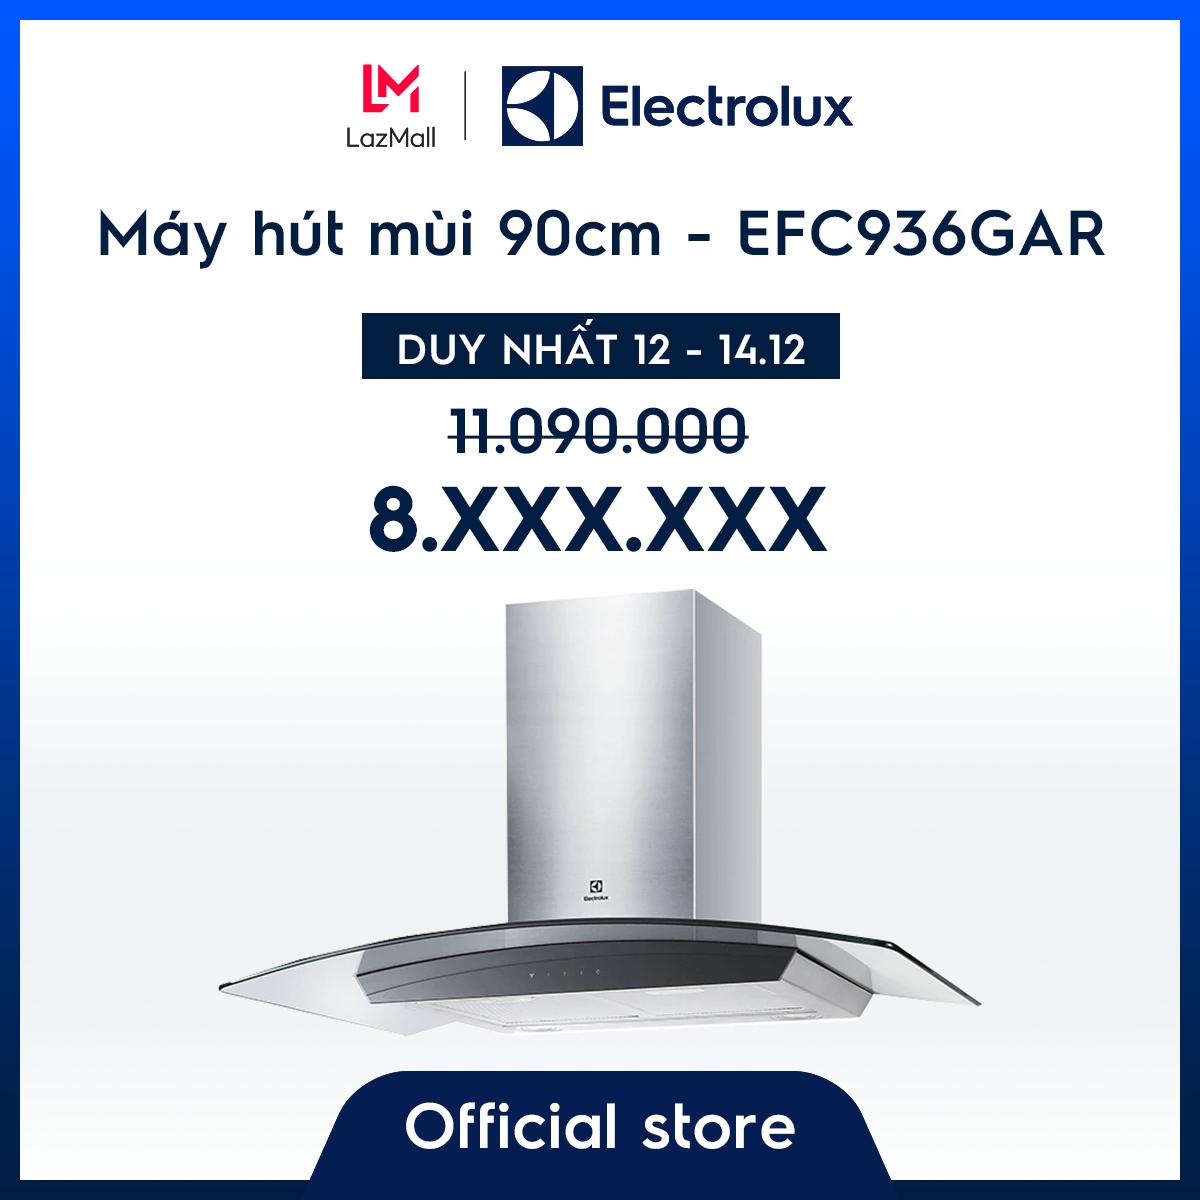 [Miễn phí giao hàng – HCM & HN] Máy hút mùi sang trọng 90cm Electrolux EFC936GAR – Thiết kế sang trọng – Công suất mạnh – Hàng chính hãng